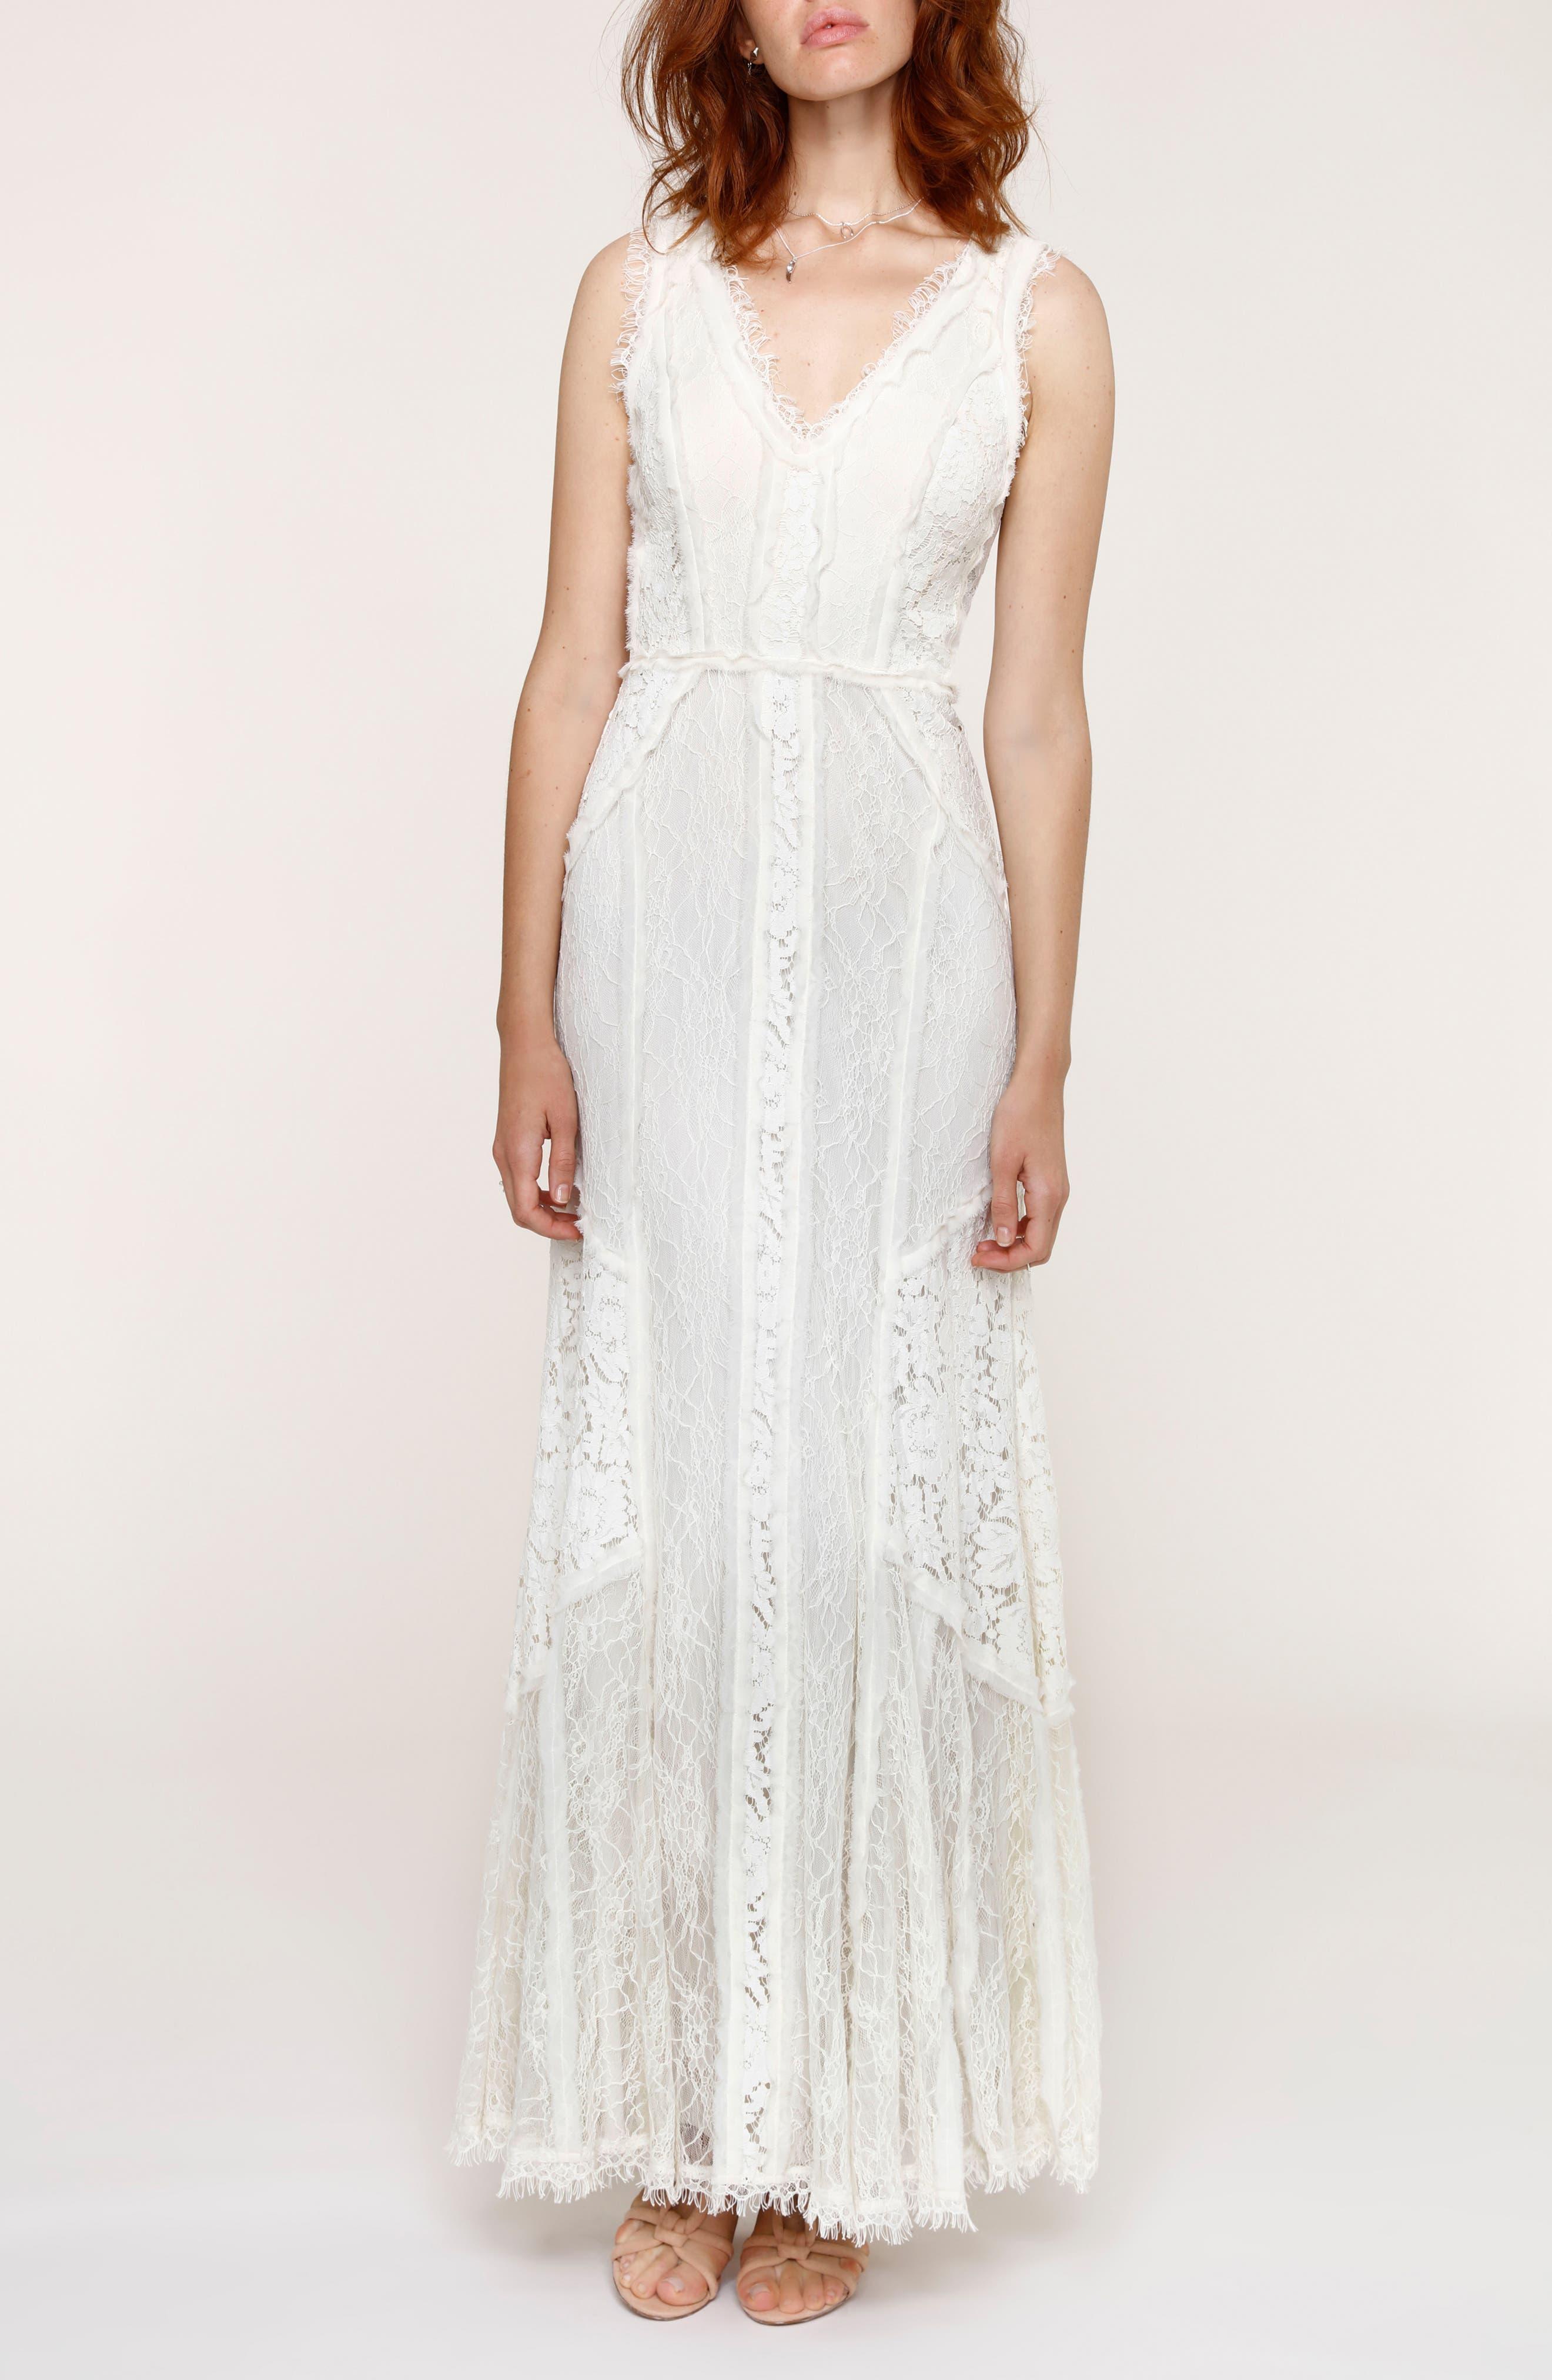 Felix Cutout Back Lace Fit & Flare Dress,                             Main thumbnail 1, color,                             101